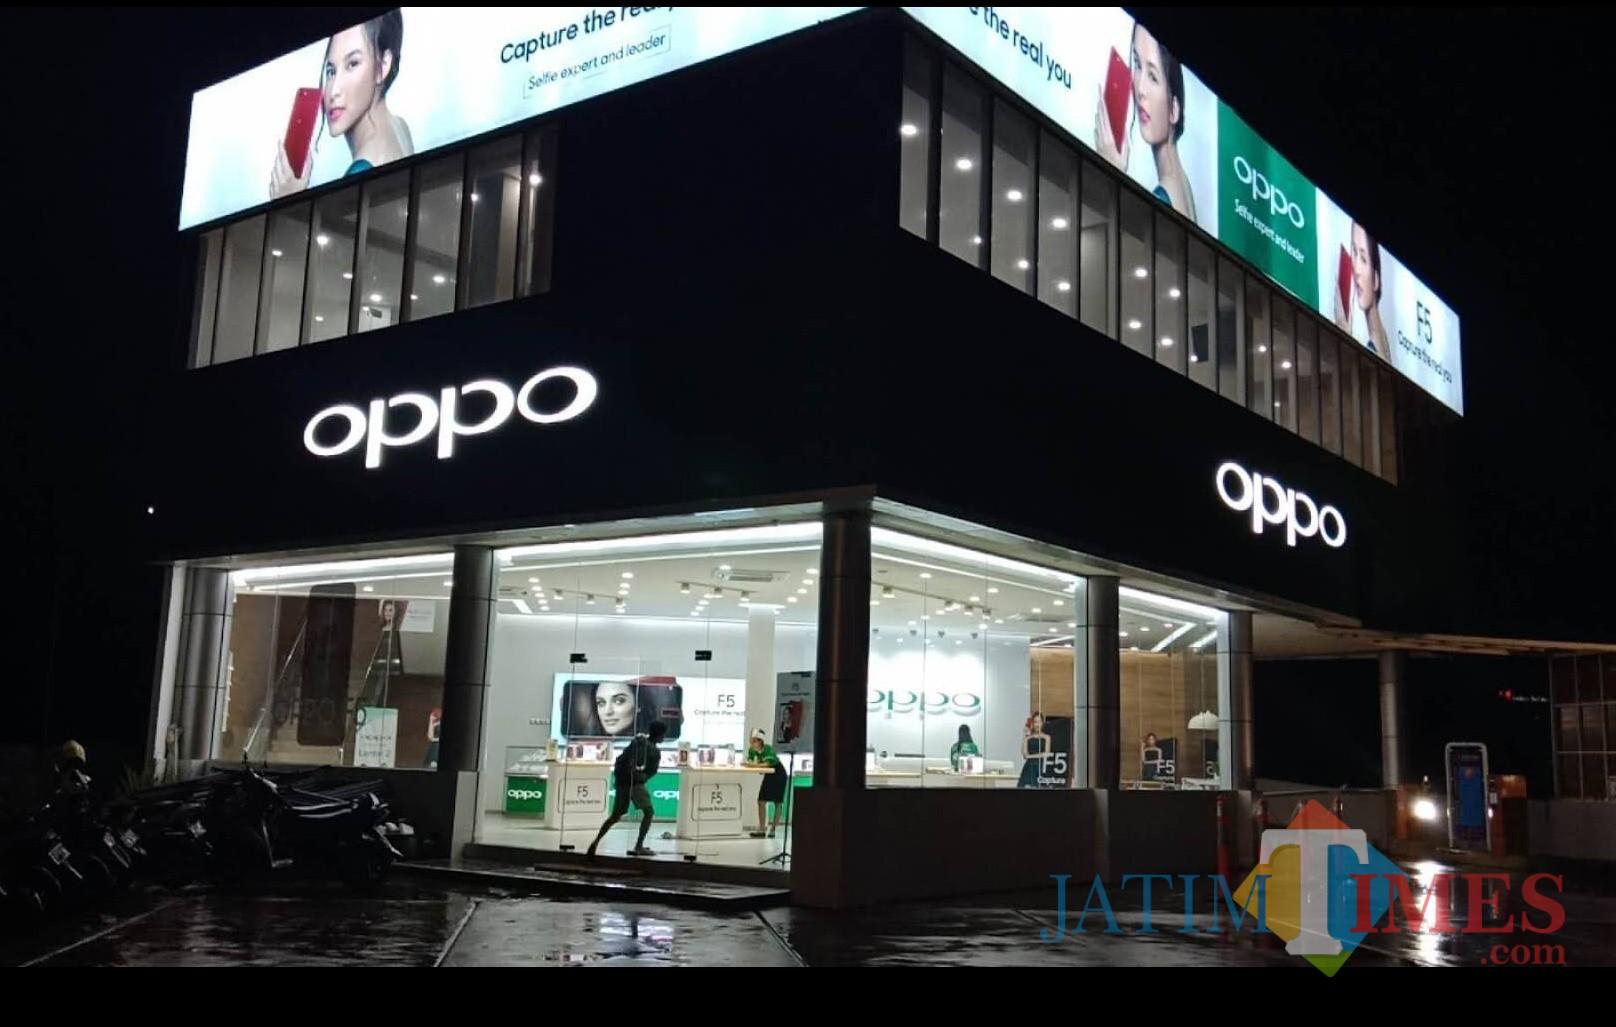 Kantor pemasaran dan service center Oppo Malang di Jalan Soekarno-Hatta, Kota Malang. (Foto: edie irawan/Google Map Image)